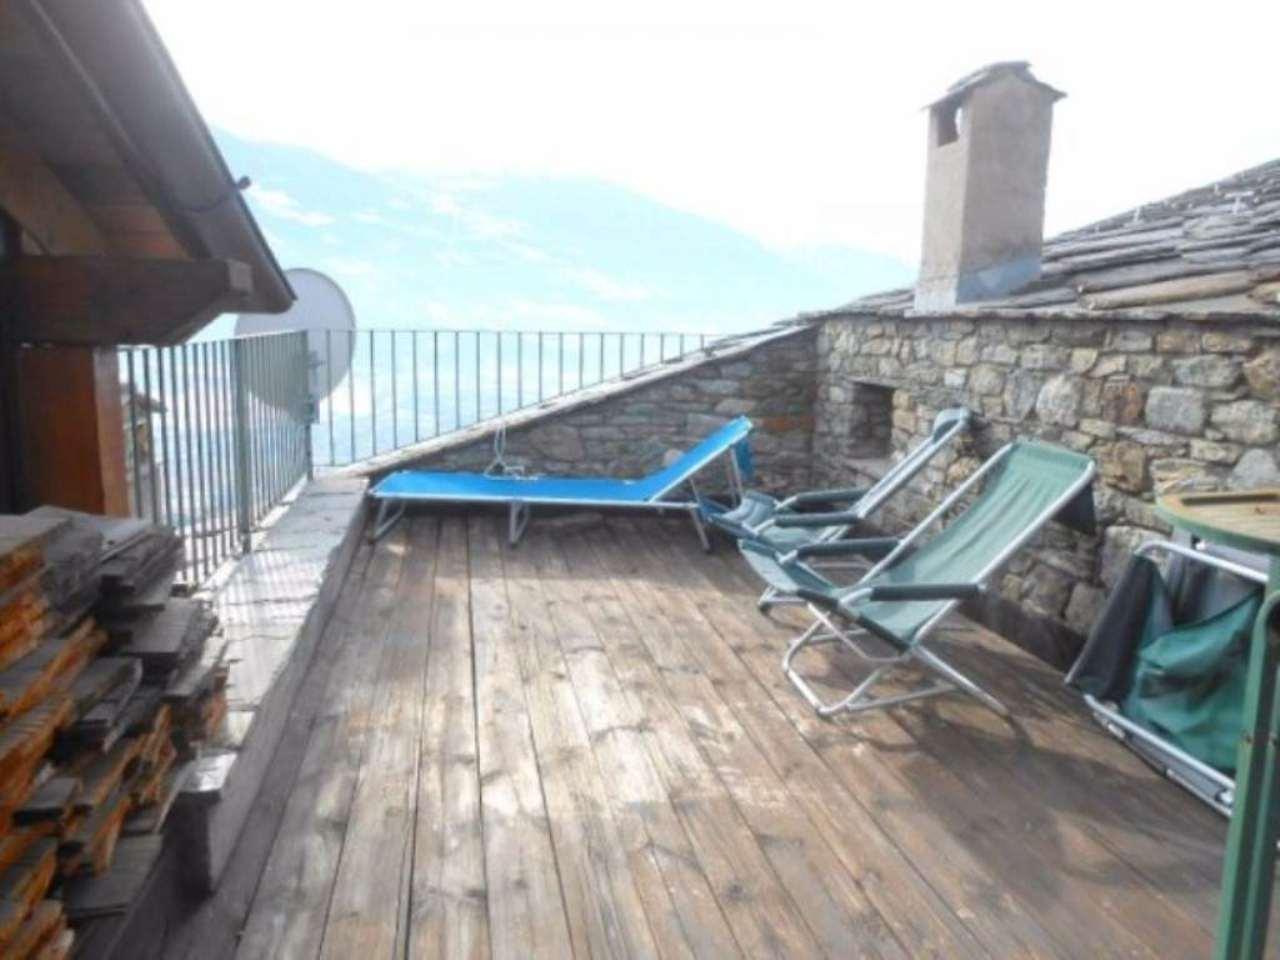 Rustico / Casale in vendita a Saint-Christophe, 6 locali, prezzo € 245.000 | CambioCasa.it